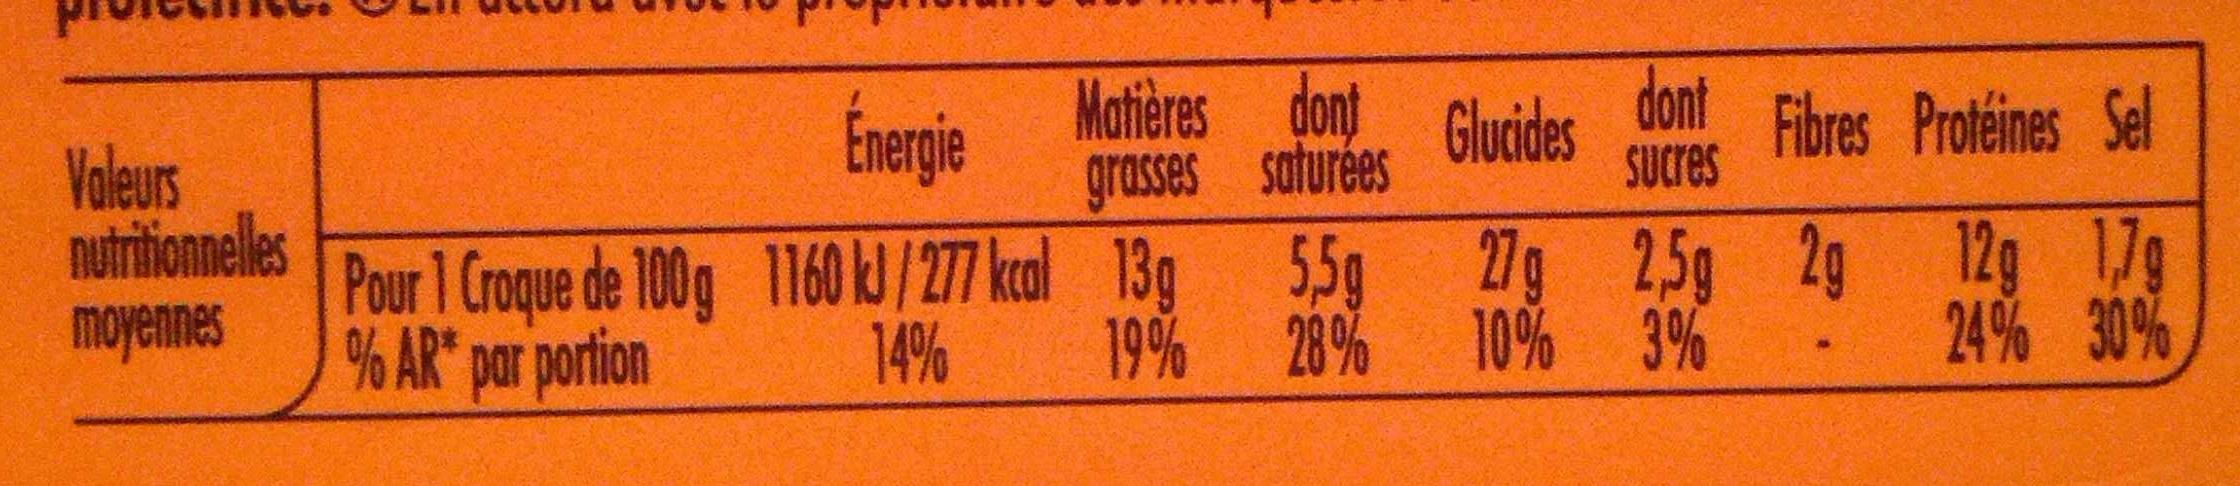 Tendre Croque, Classique Jambon Fromage (Format Familial x 4) - Informations nutritionnelles